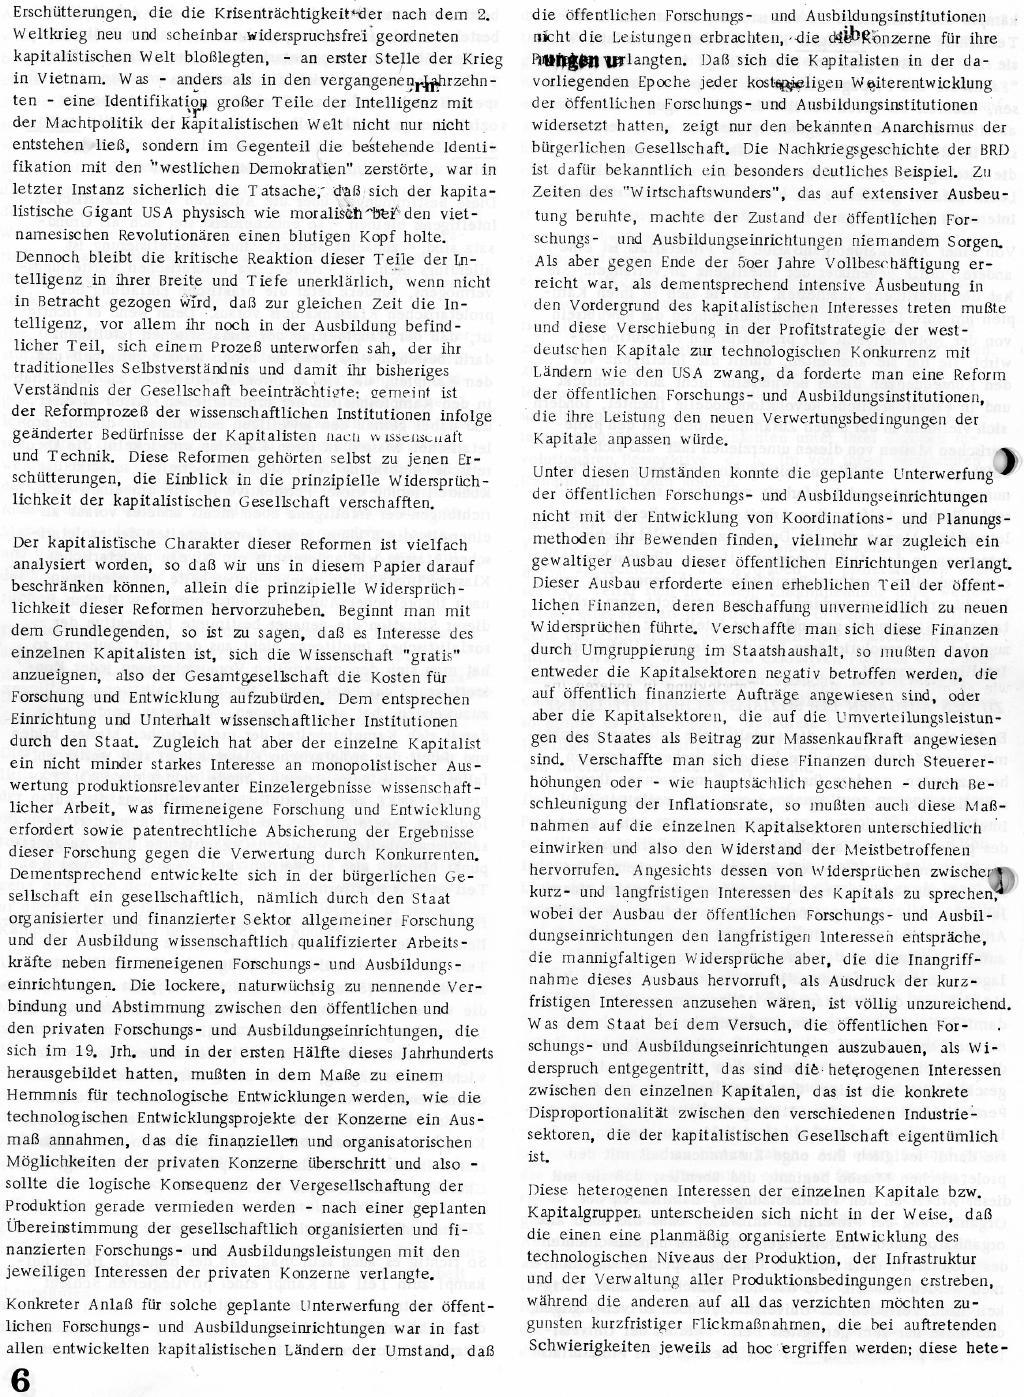 RPK_1970_084_06